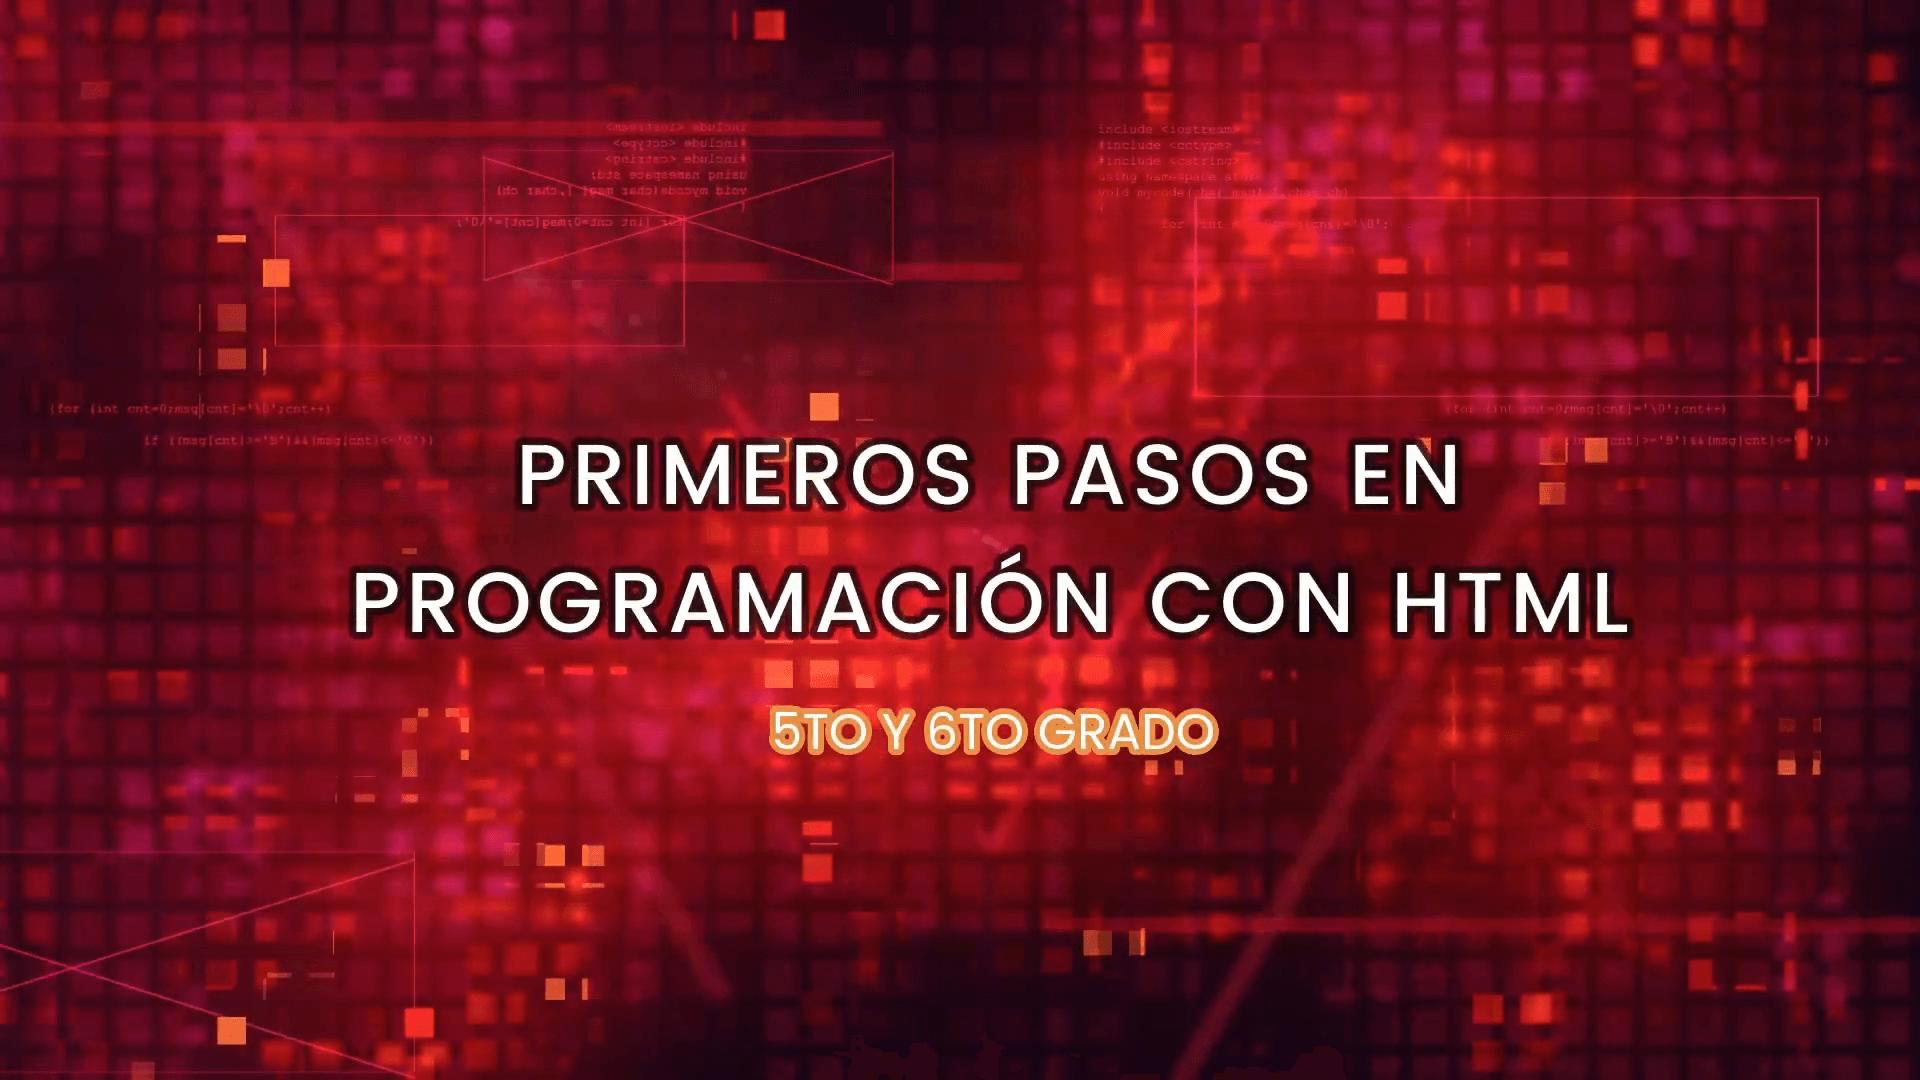 Felicitaciones alumnos, lograron dar los primeros pasos en programación HTML. Prof. de Informática.